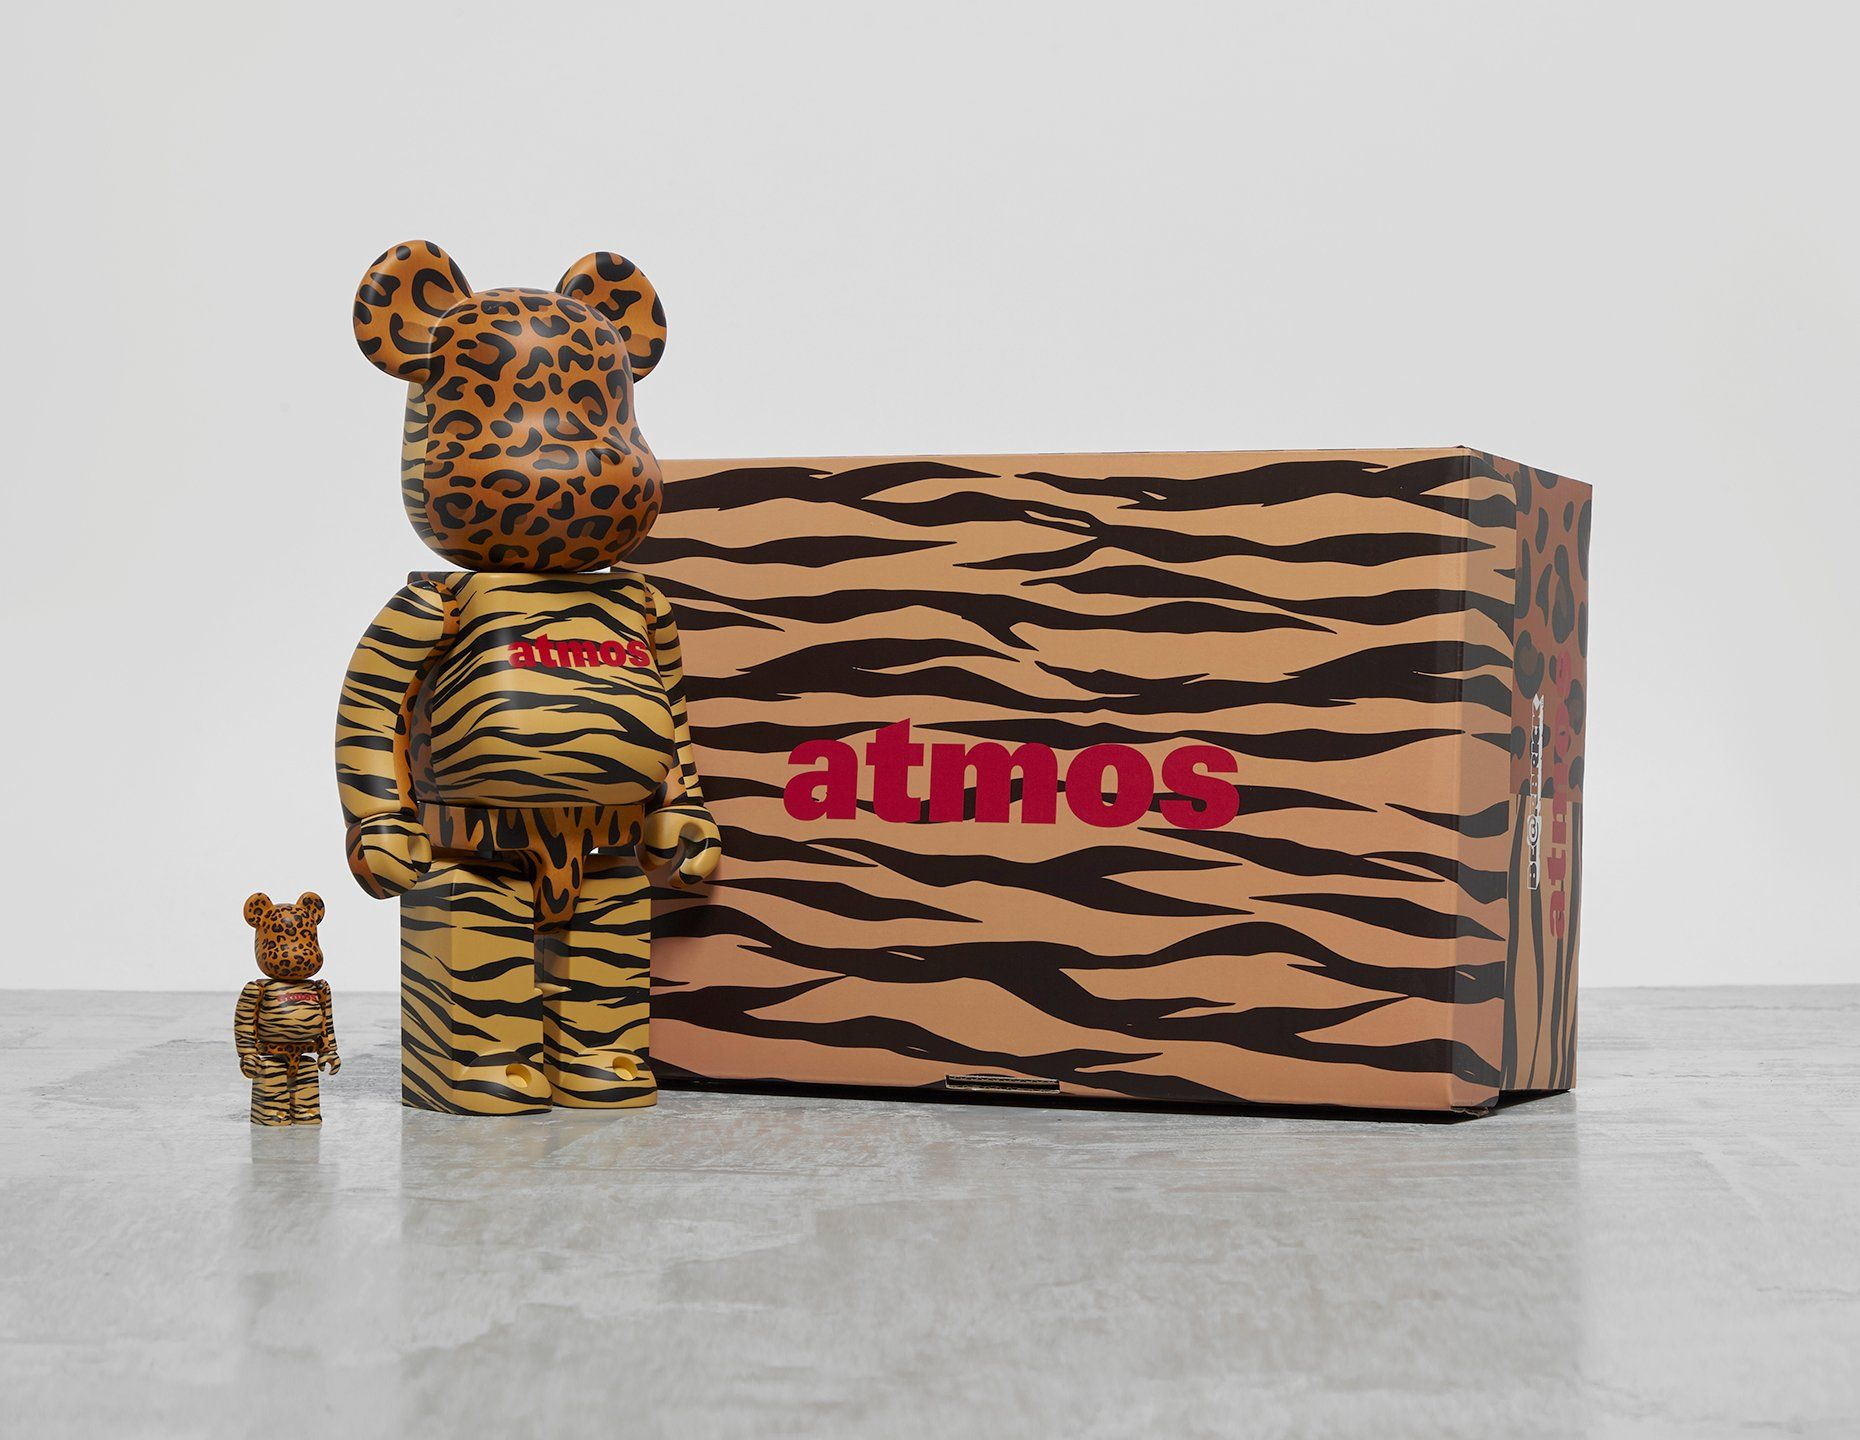 Medicom x atmos 'Animal Print' Bearbrick 100% + 400%